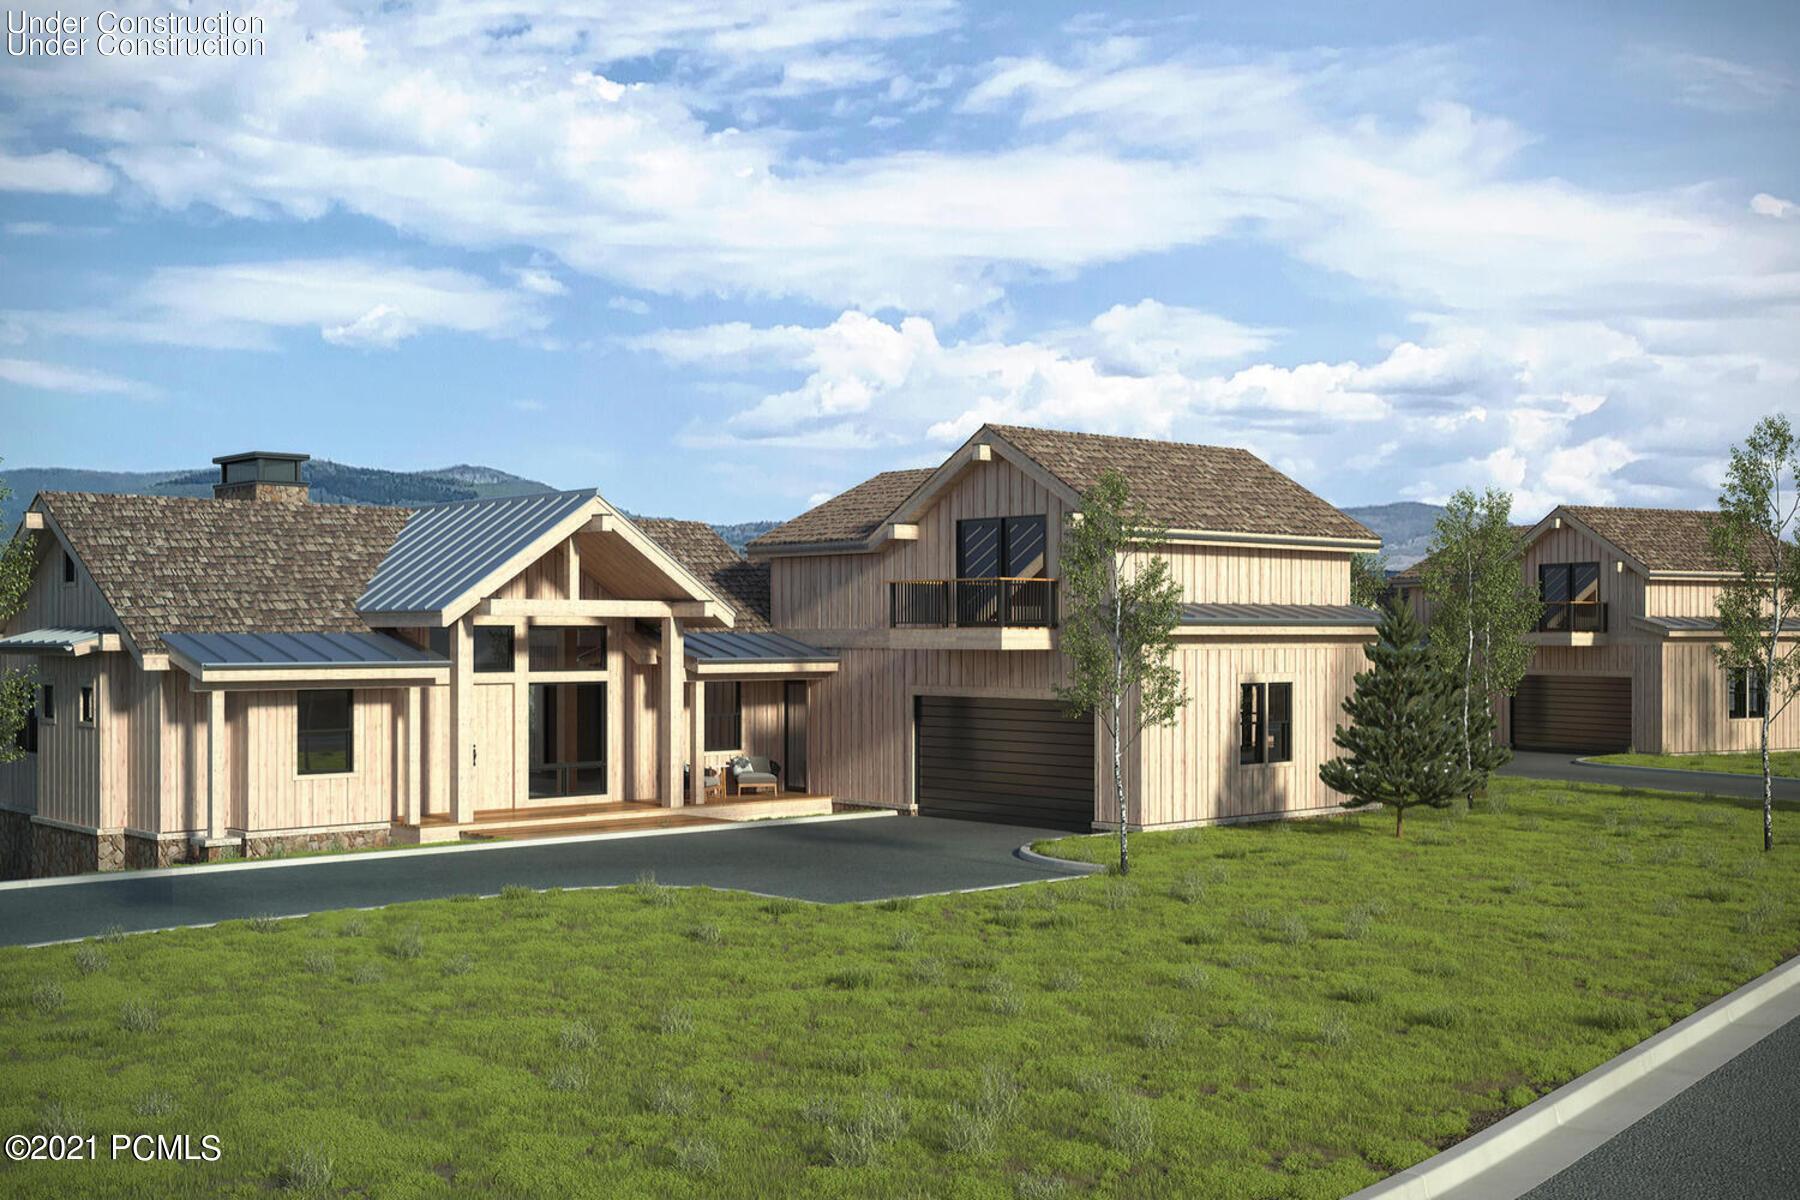 7615 Stardust Ct #319b, 5.10, Heber City, Utah 84032, 5 Bedrooms Bedrooms, ,6 BathroomsBathrooms,Fractional Interest,For Sale,Stardust Ct #319b, 5.10,12100985